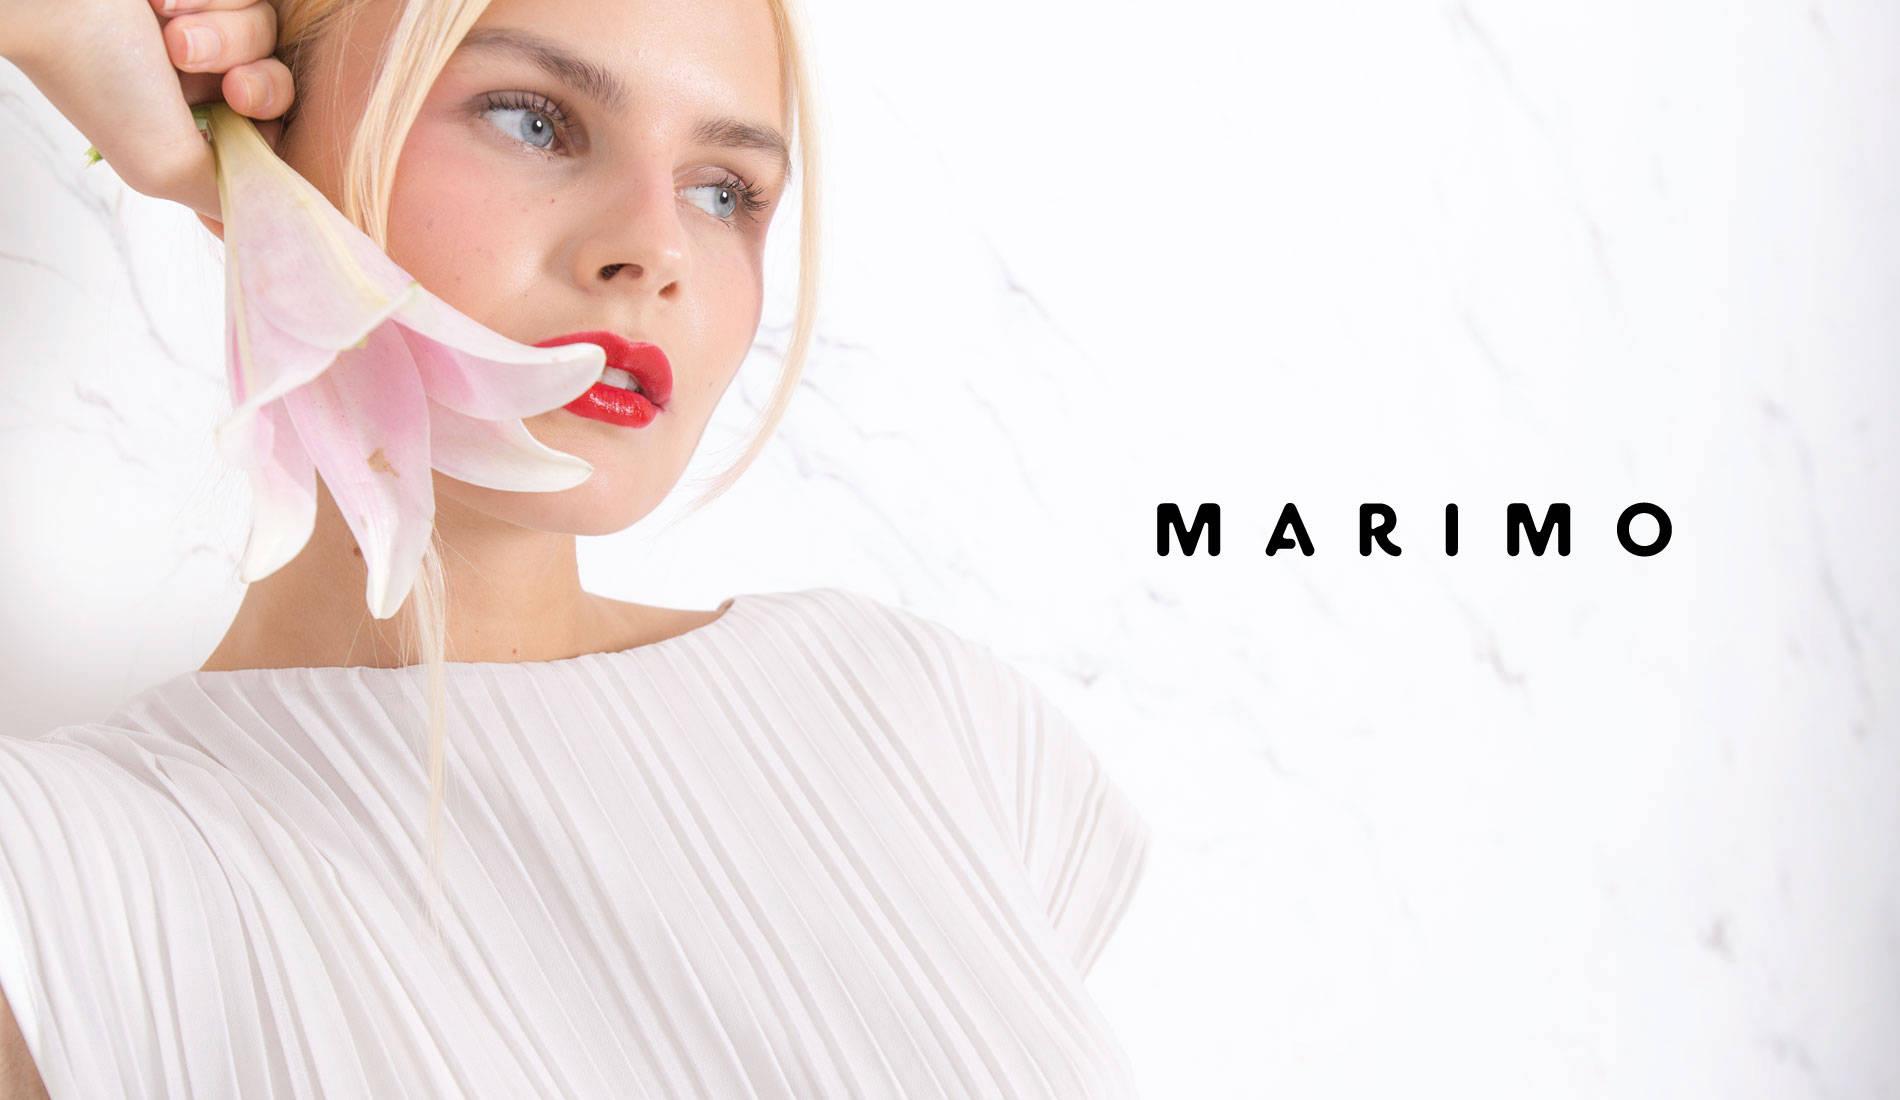 Marimo clothes